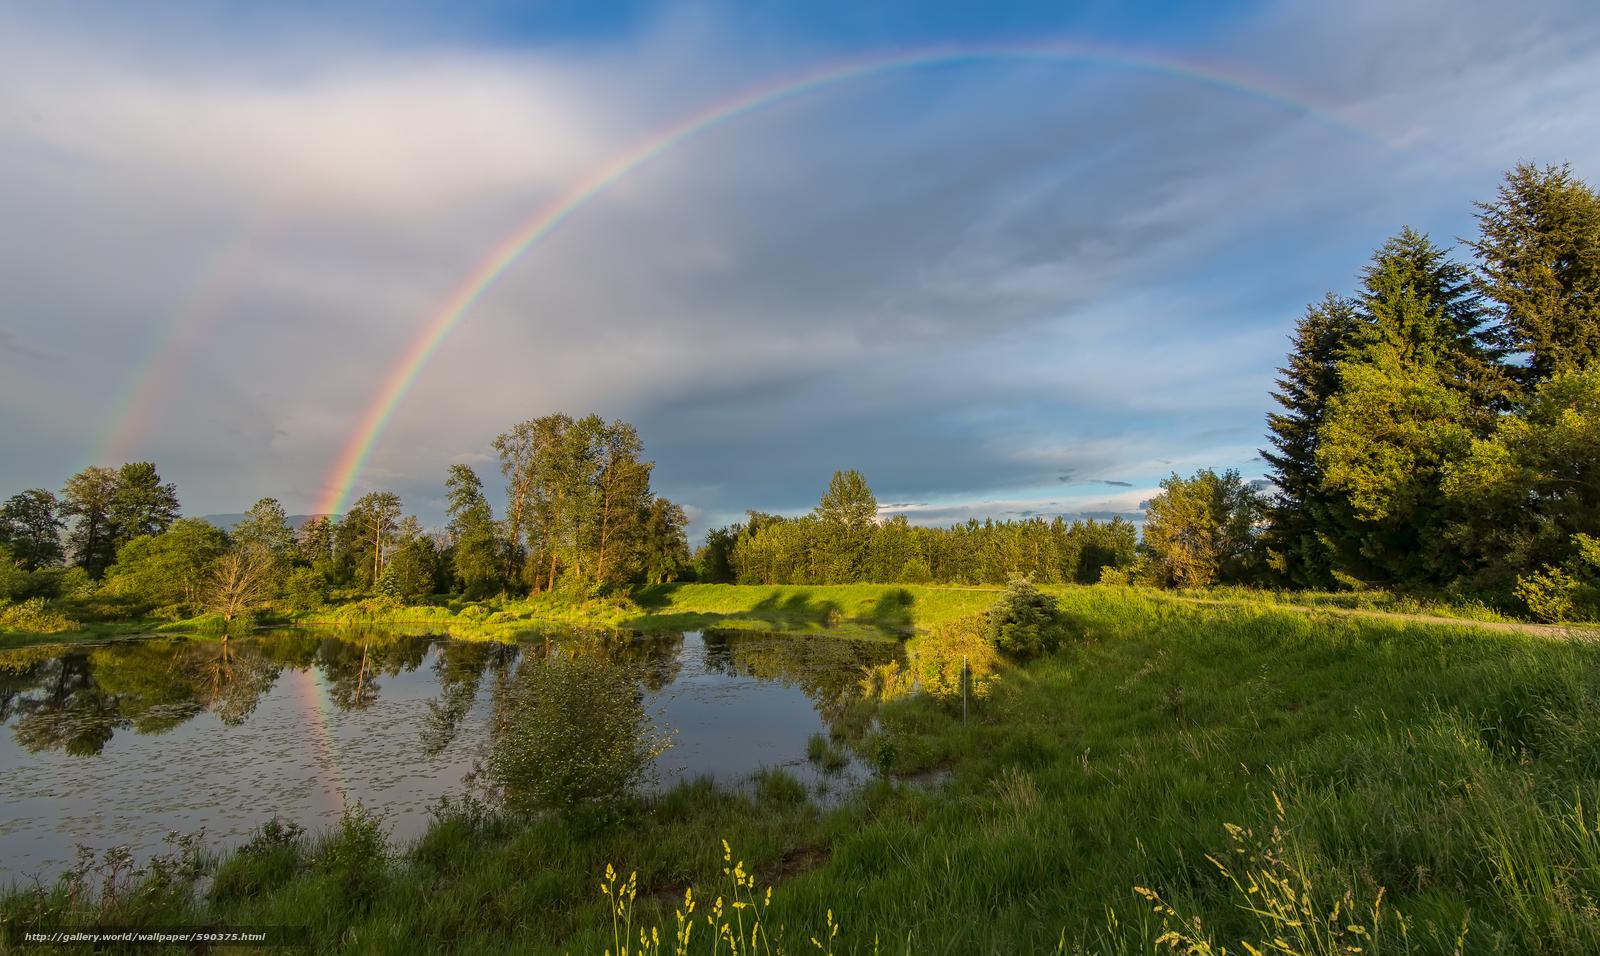 Скачать обои озеро,  деревья,  поле,  радуга бесплатно для рабочего стола в разрешении 5656x3380 — картинка №590375